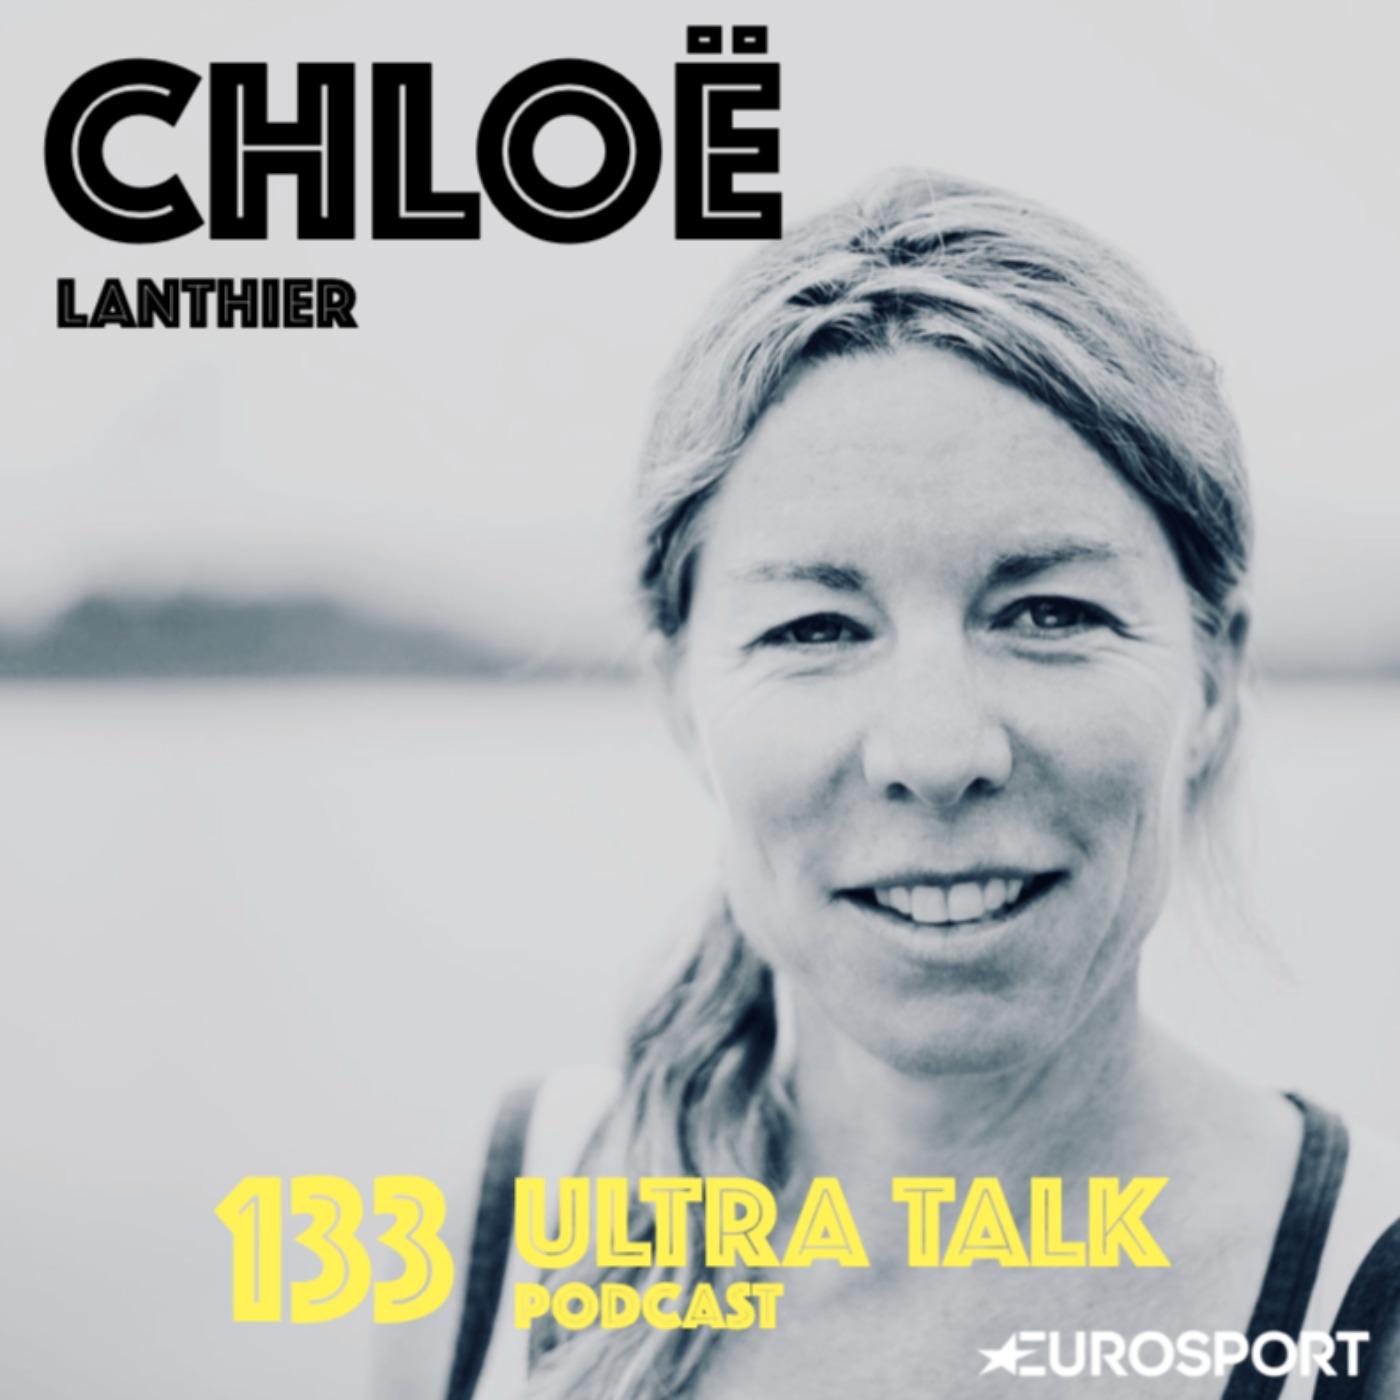 """Chloé Lanthier : """"Pour éviter les loups, je n'ai pas dormi pendant 48h"""""""